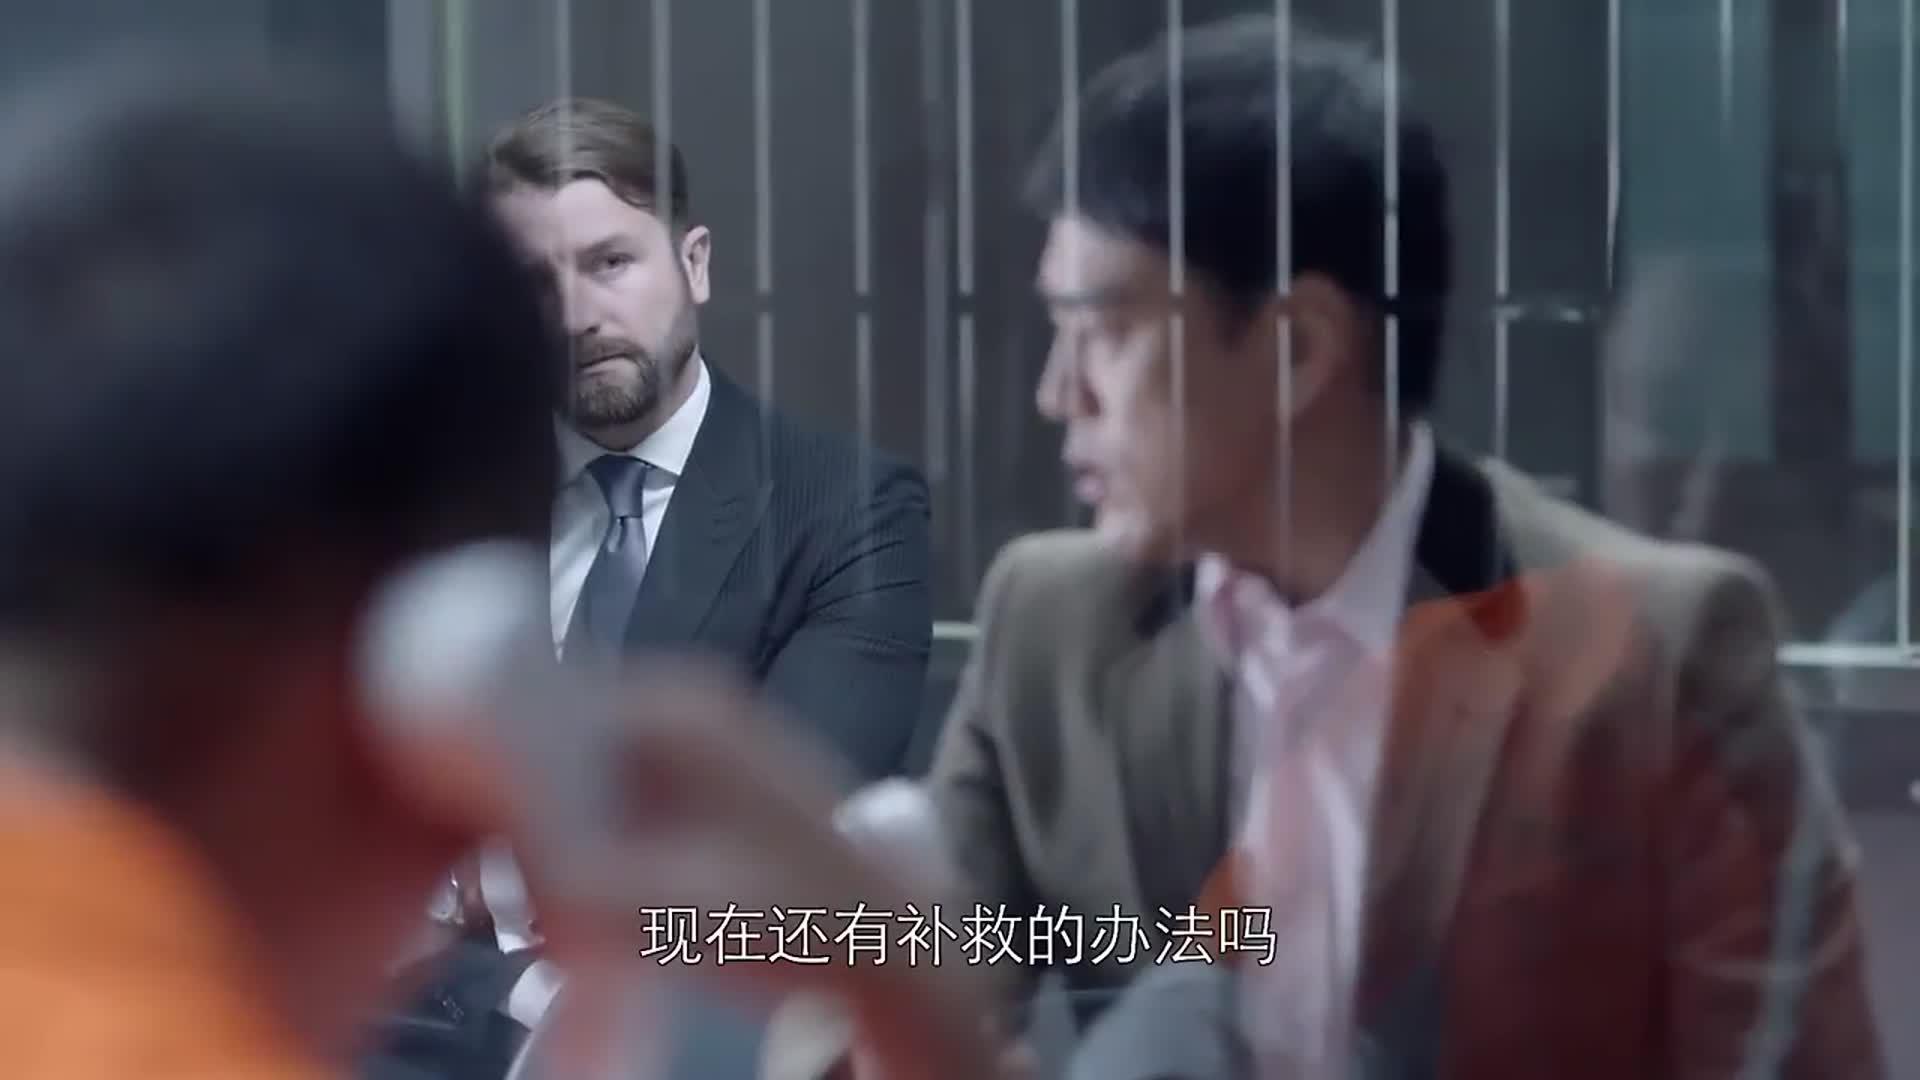 好先生:大叔进了监狱,开始受尽欺负,出狱时成了老大